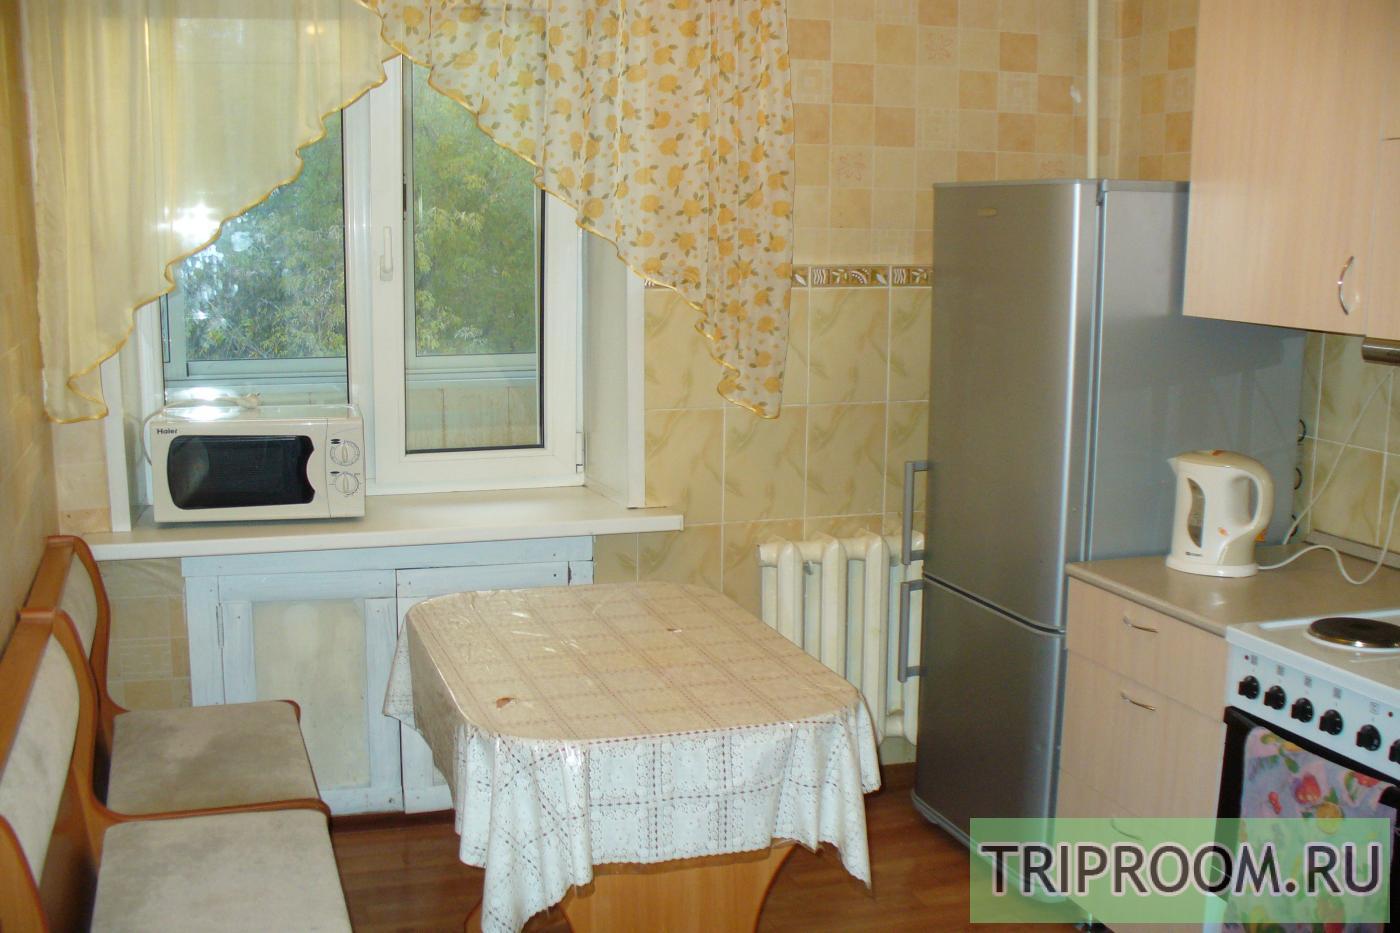 1-комнатная квартира посуточно (вариант № 15396), ул. Елизаровых улица, фото № 4